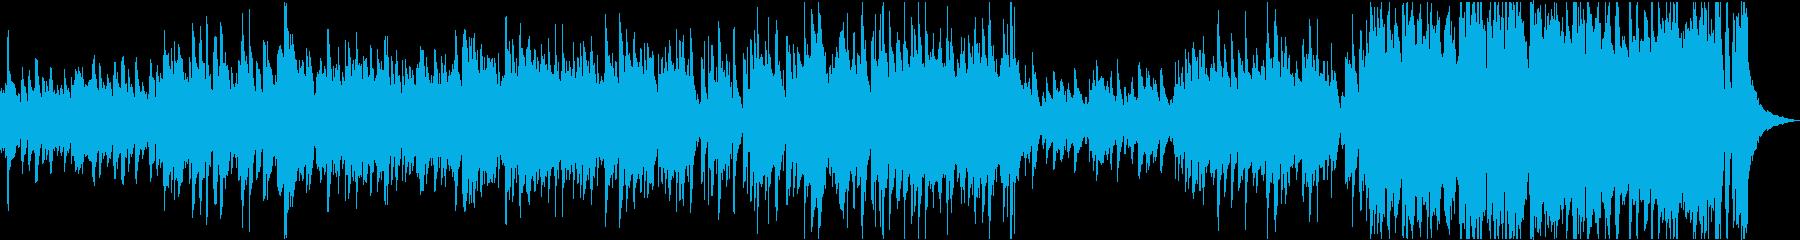 深い紅葉の中を歩くロマネスクジャズの再生済みの波形